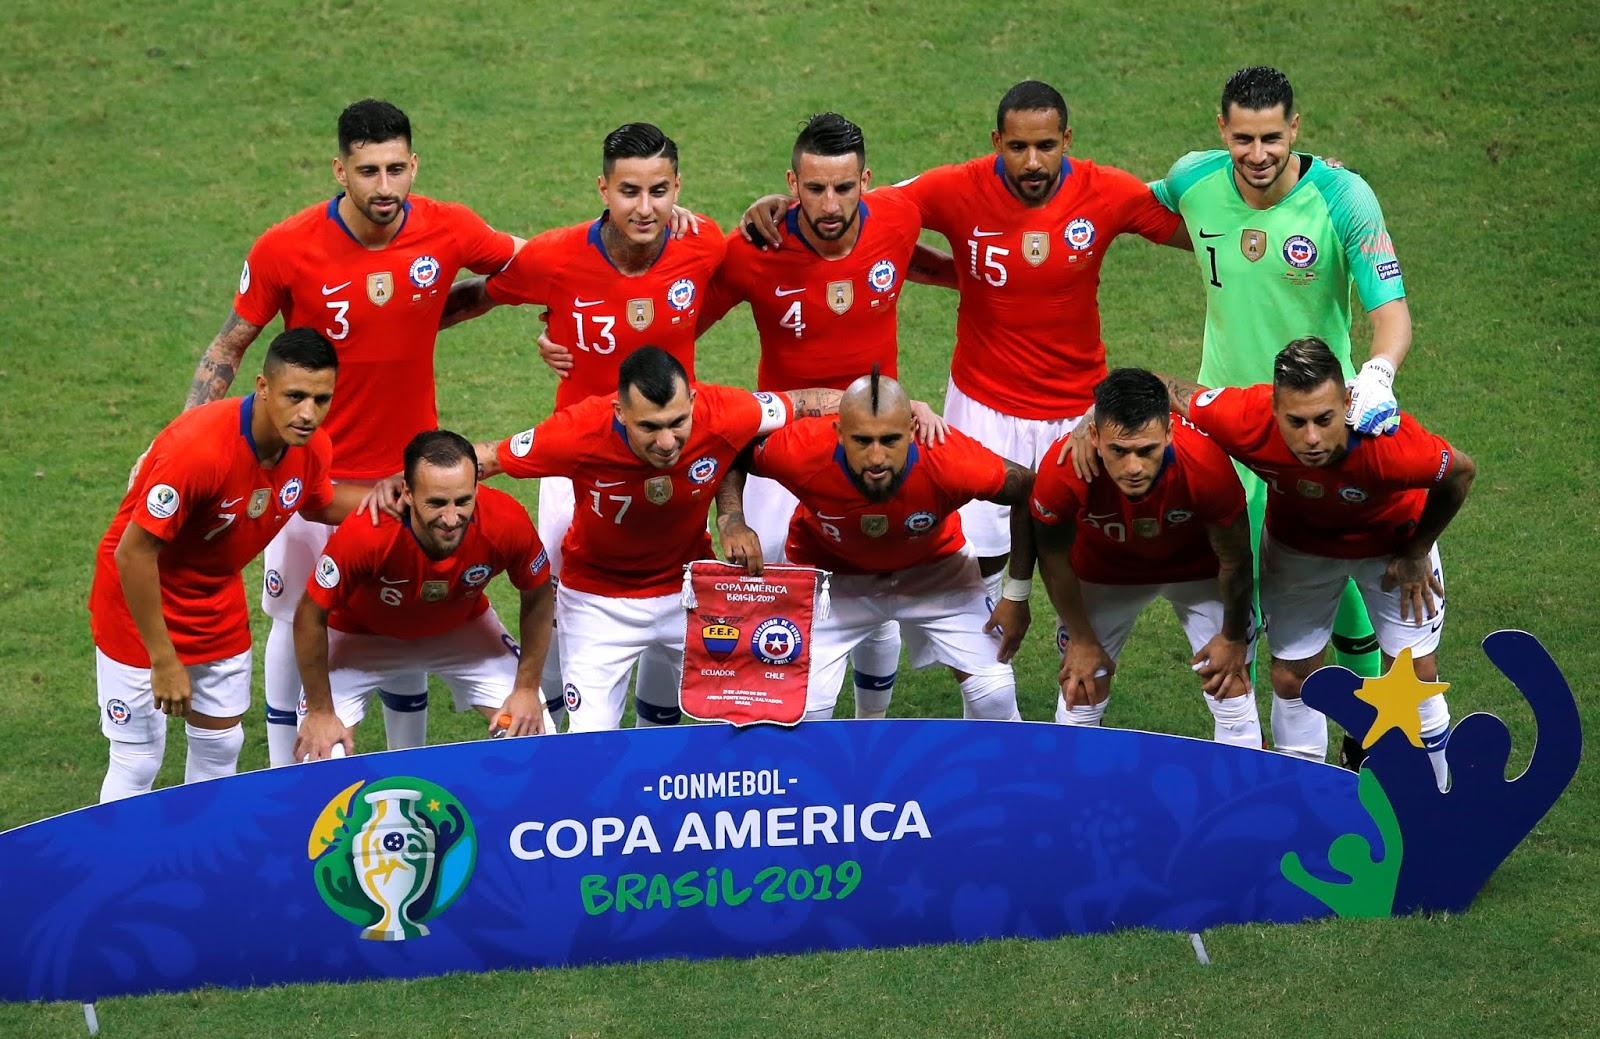 Formación de Chile ante Ecuador, Copa América 2019, 21 de junio